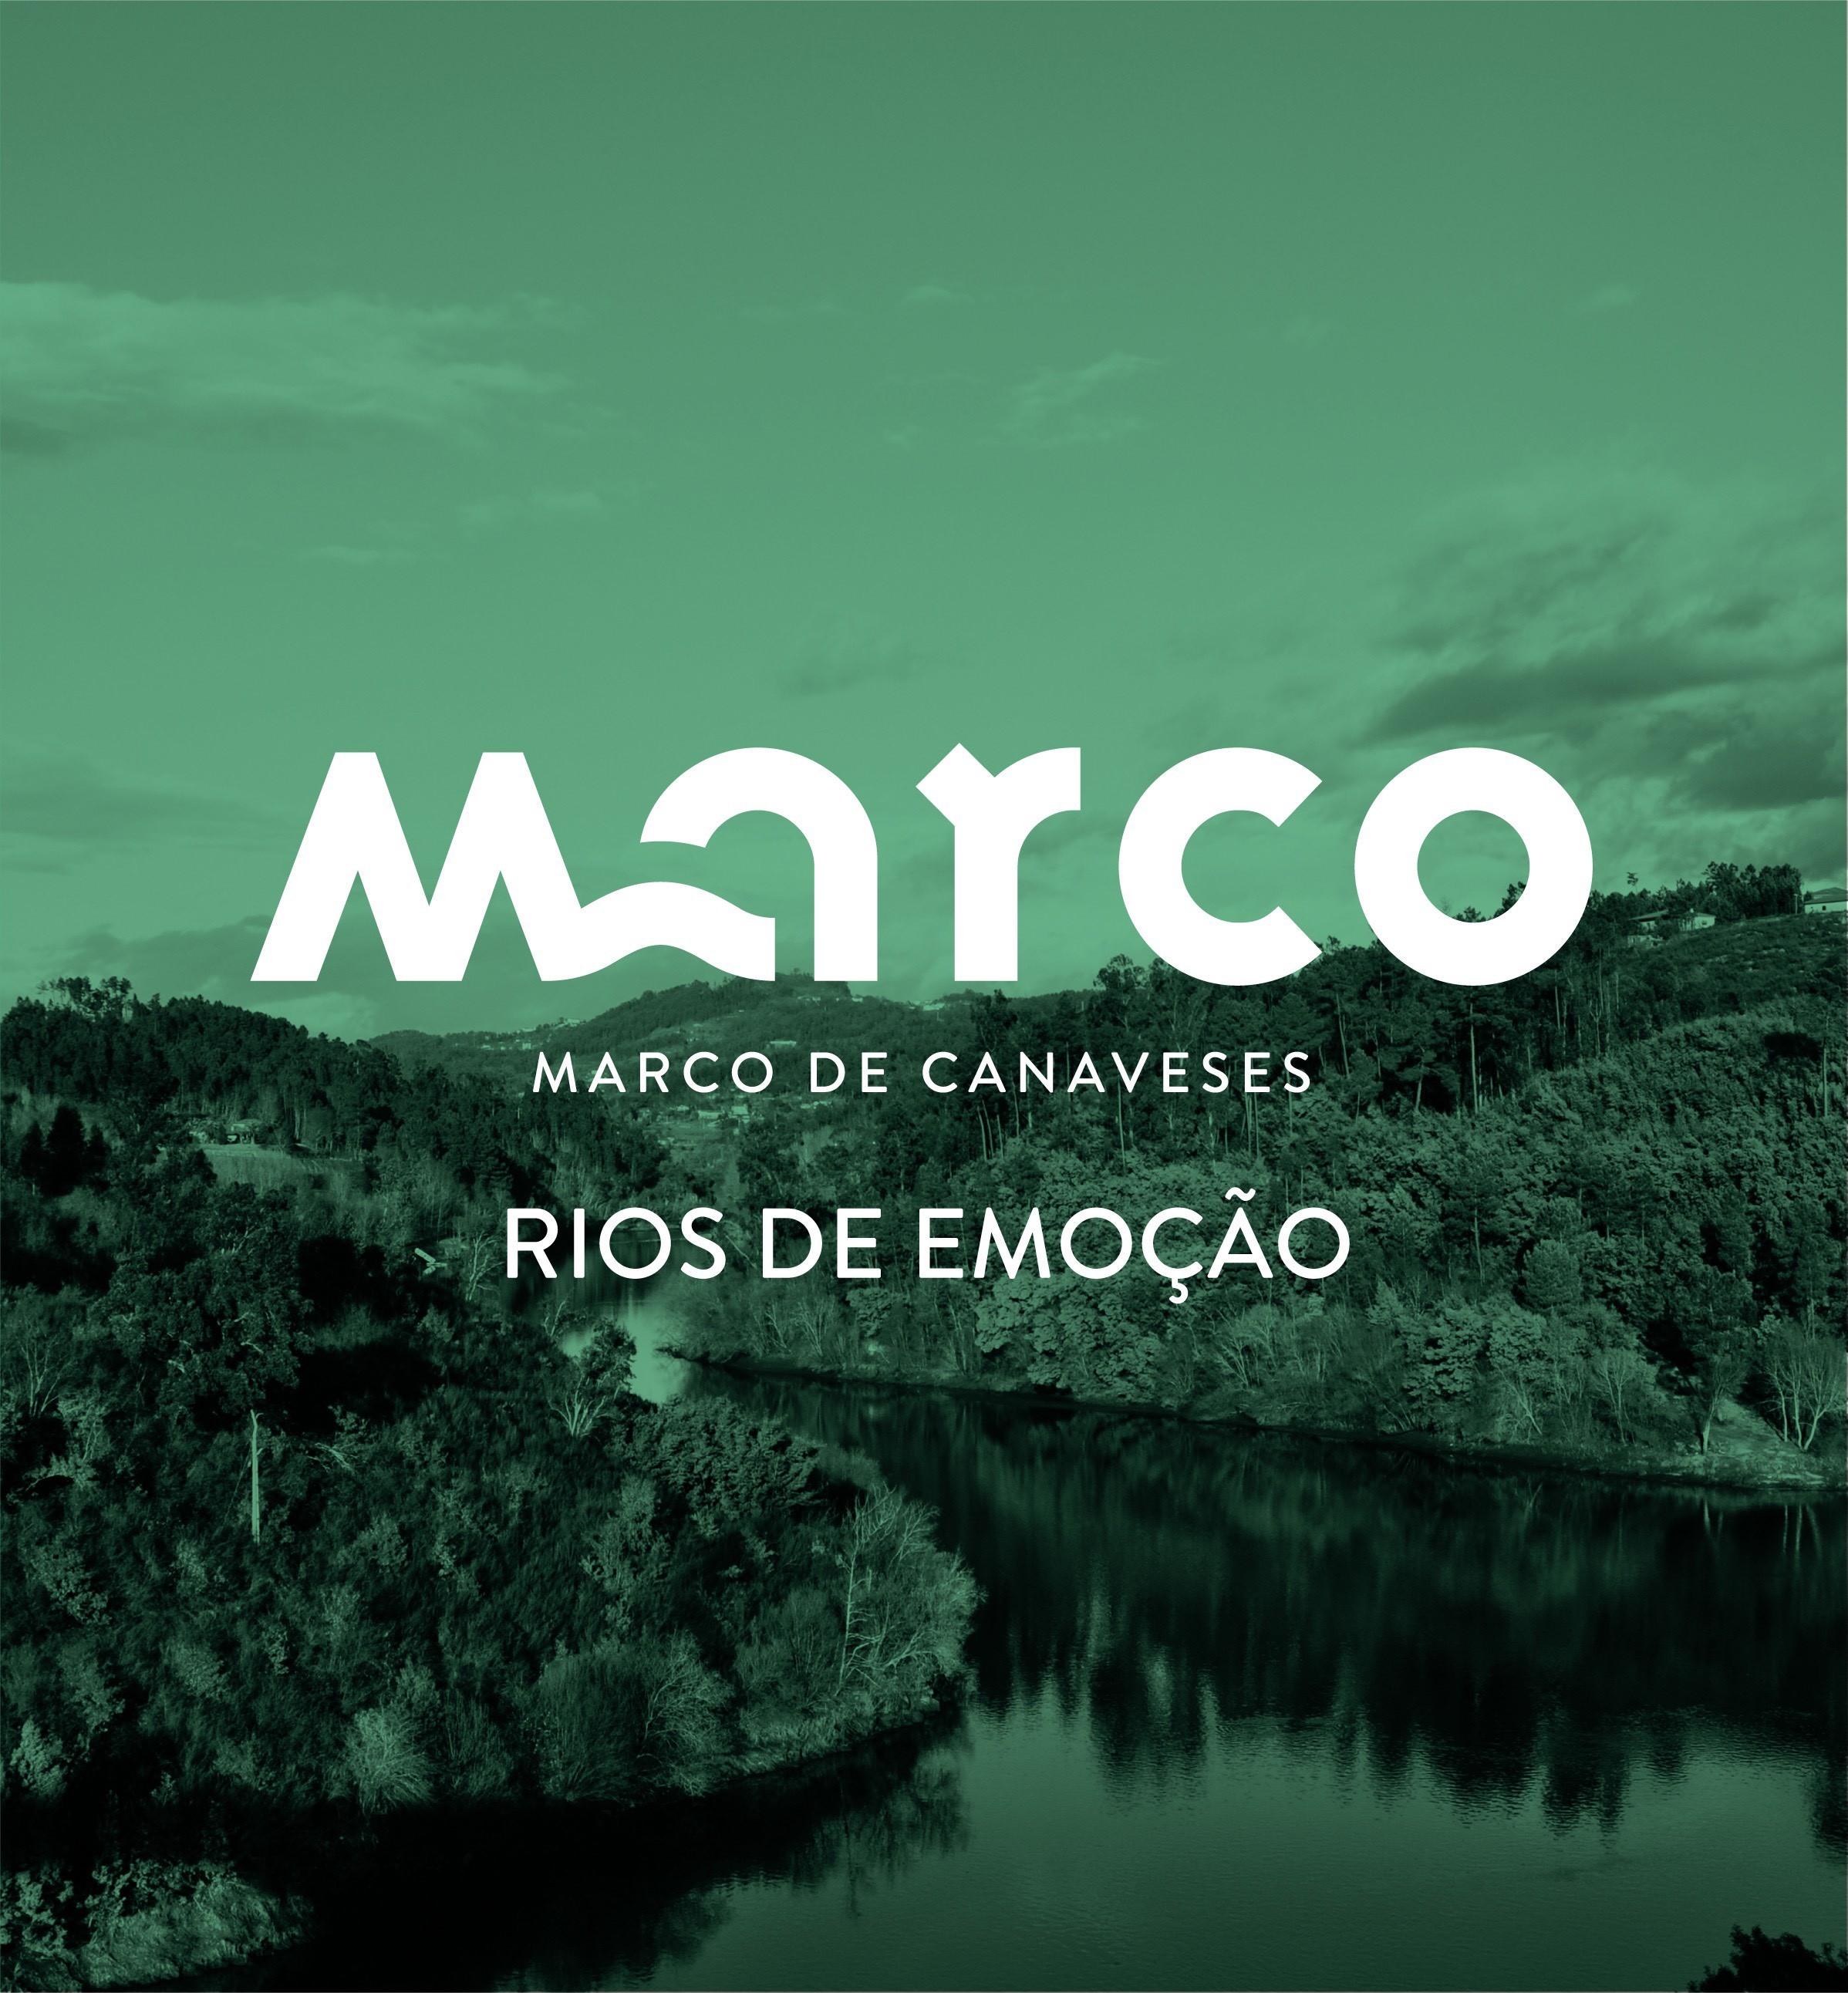 RIOS DE EMOÇÃO